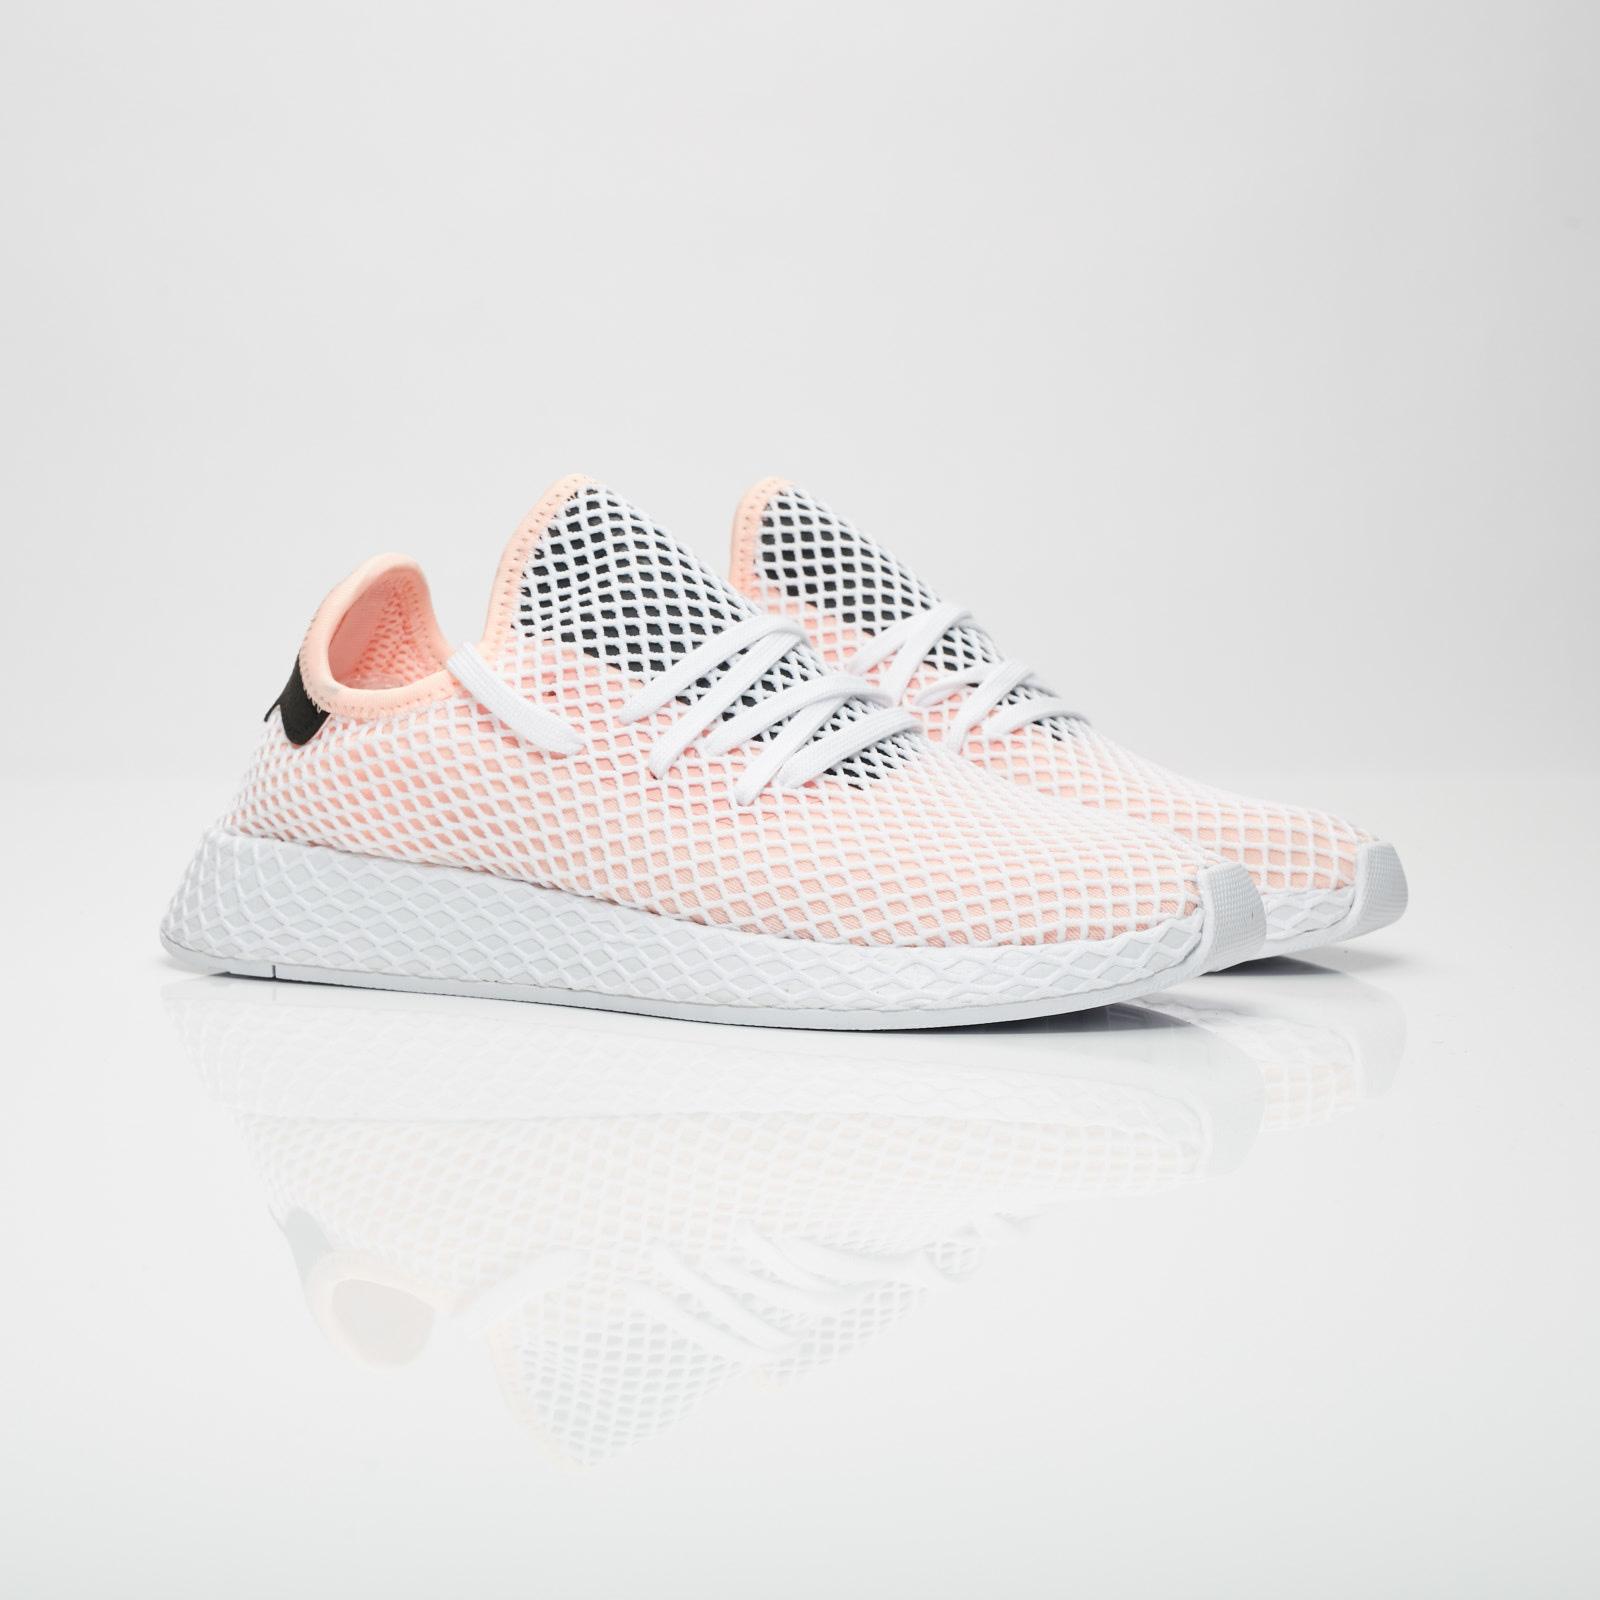 52c0cd1c261ec adidas Deerupt Runner - B28075 - Sneakersnstuff